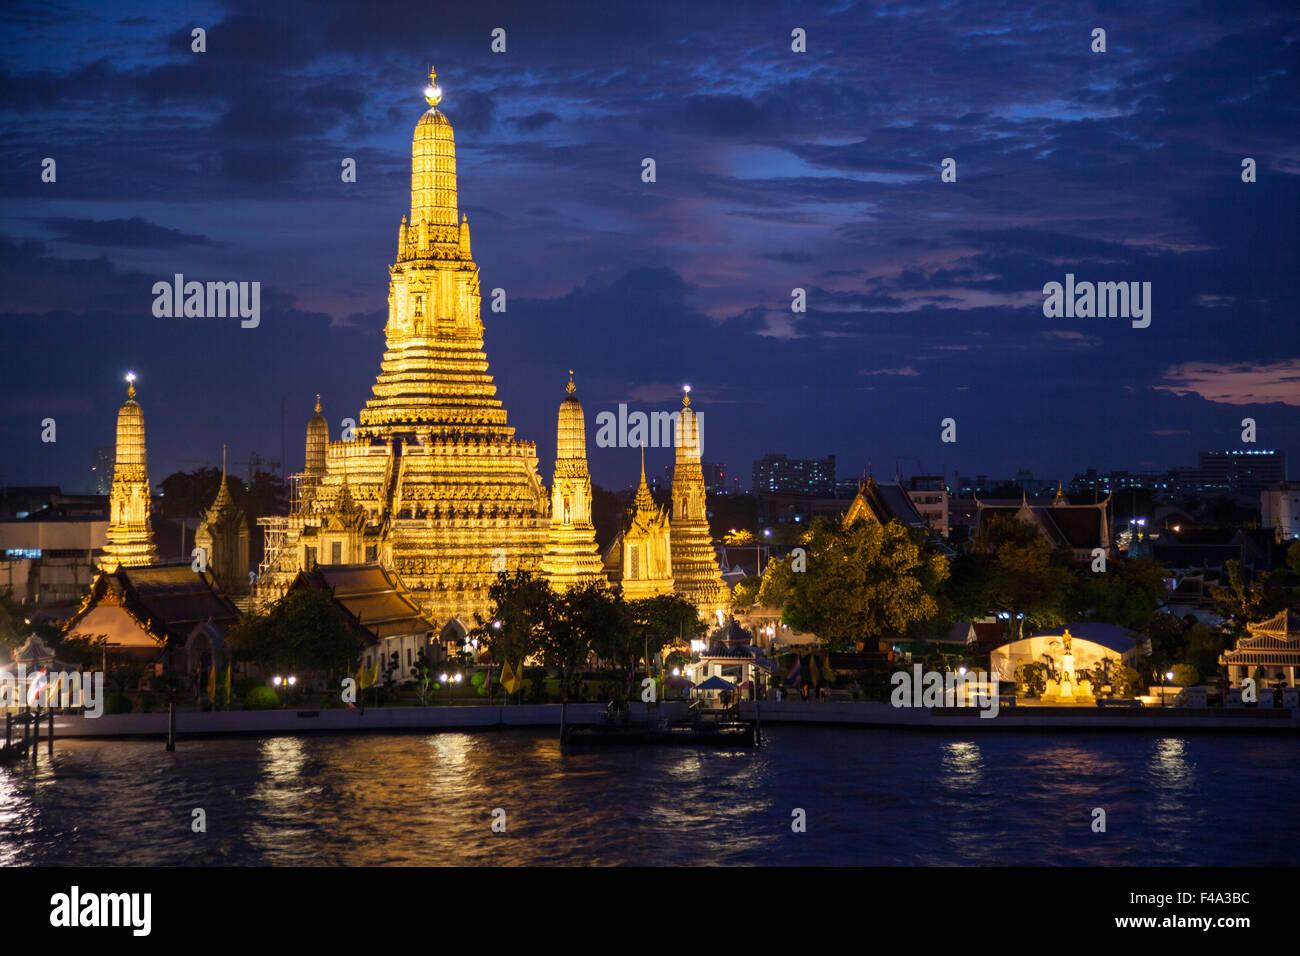 Thaïlande, Bangkok, vue de la nuit de Wat Arun, Temple de l'aube et la rivière Chao Phraya Photo Stock